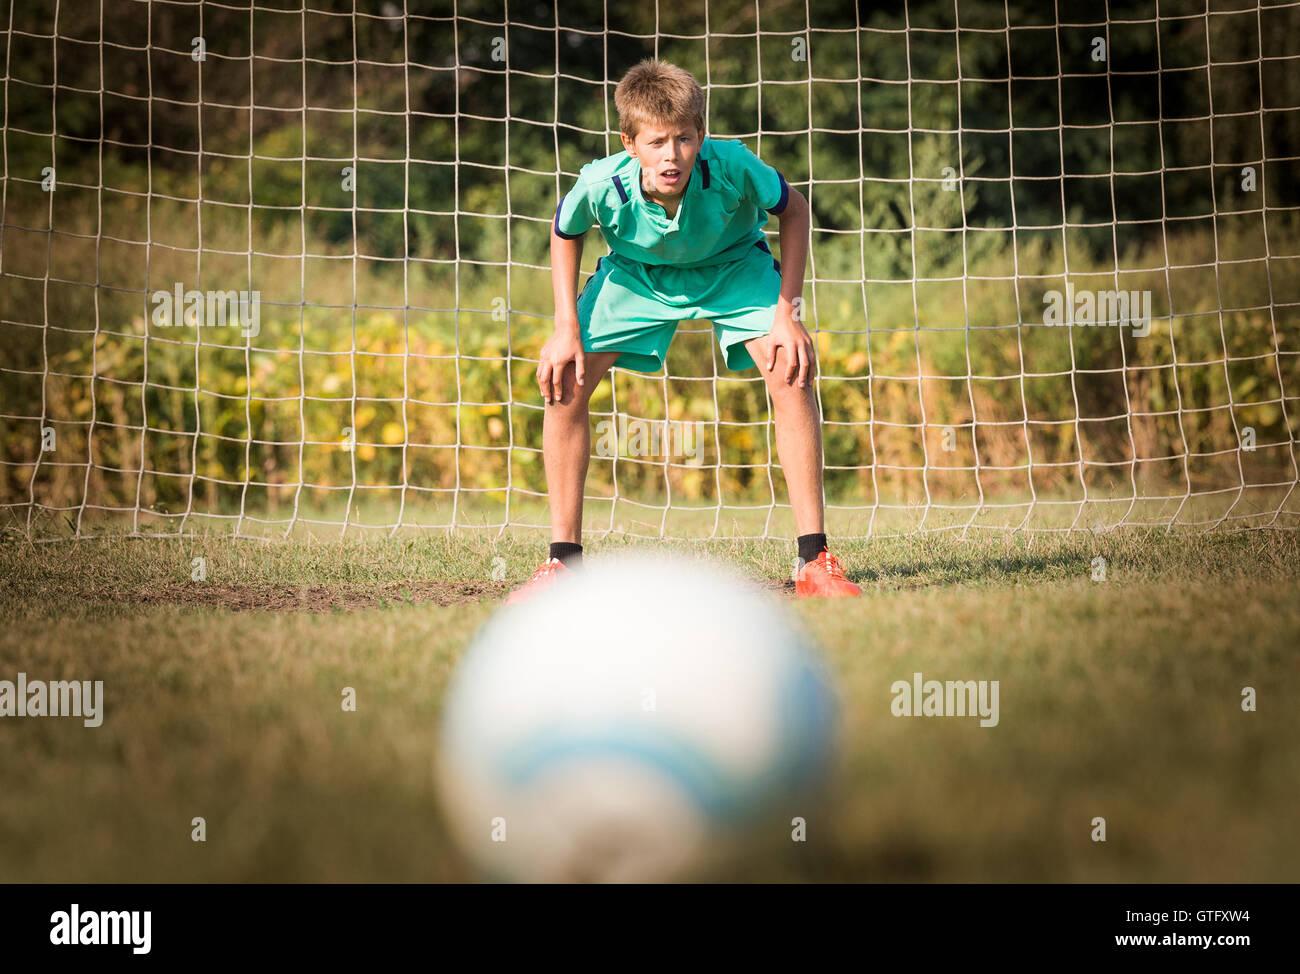 little soccer goalkeeper in goal - Stock Image